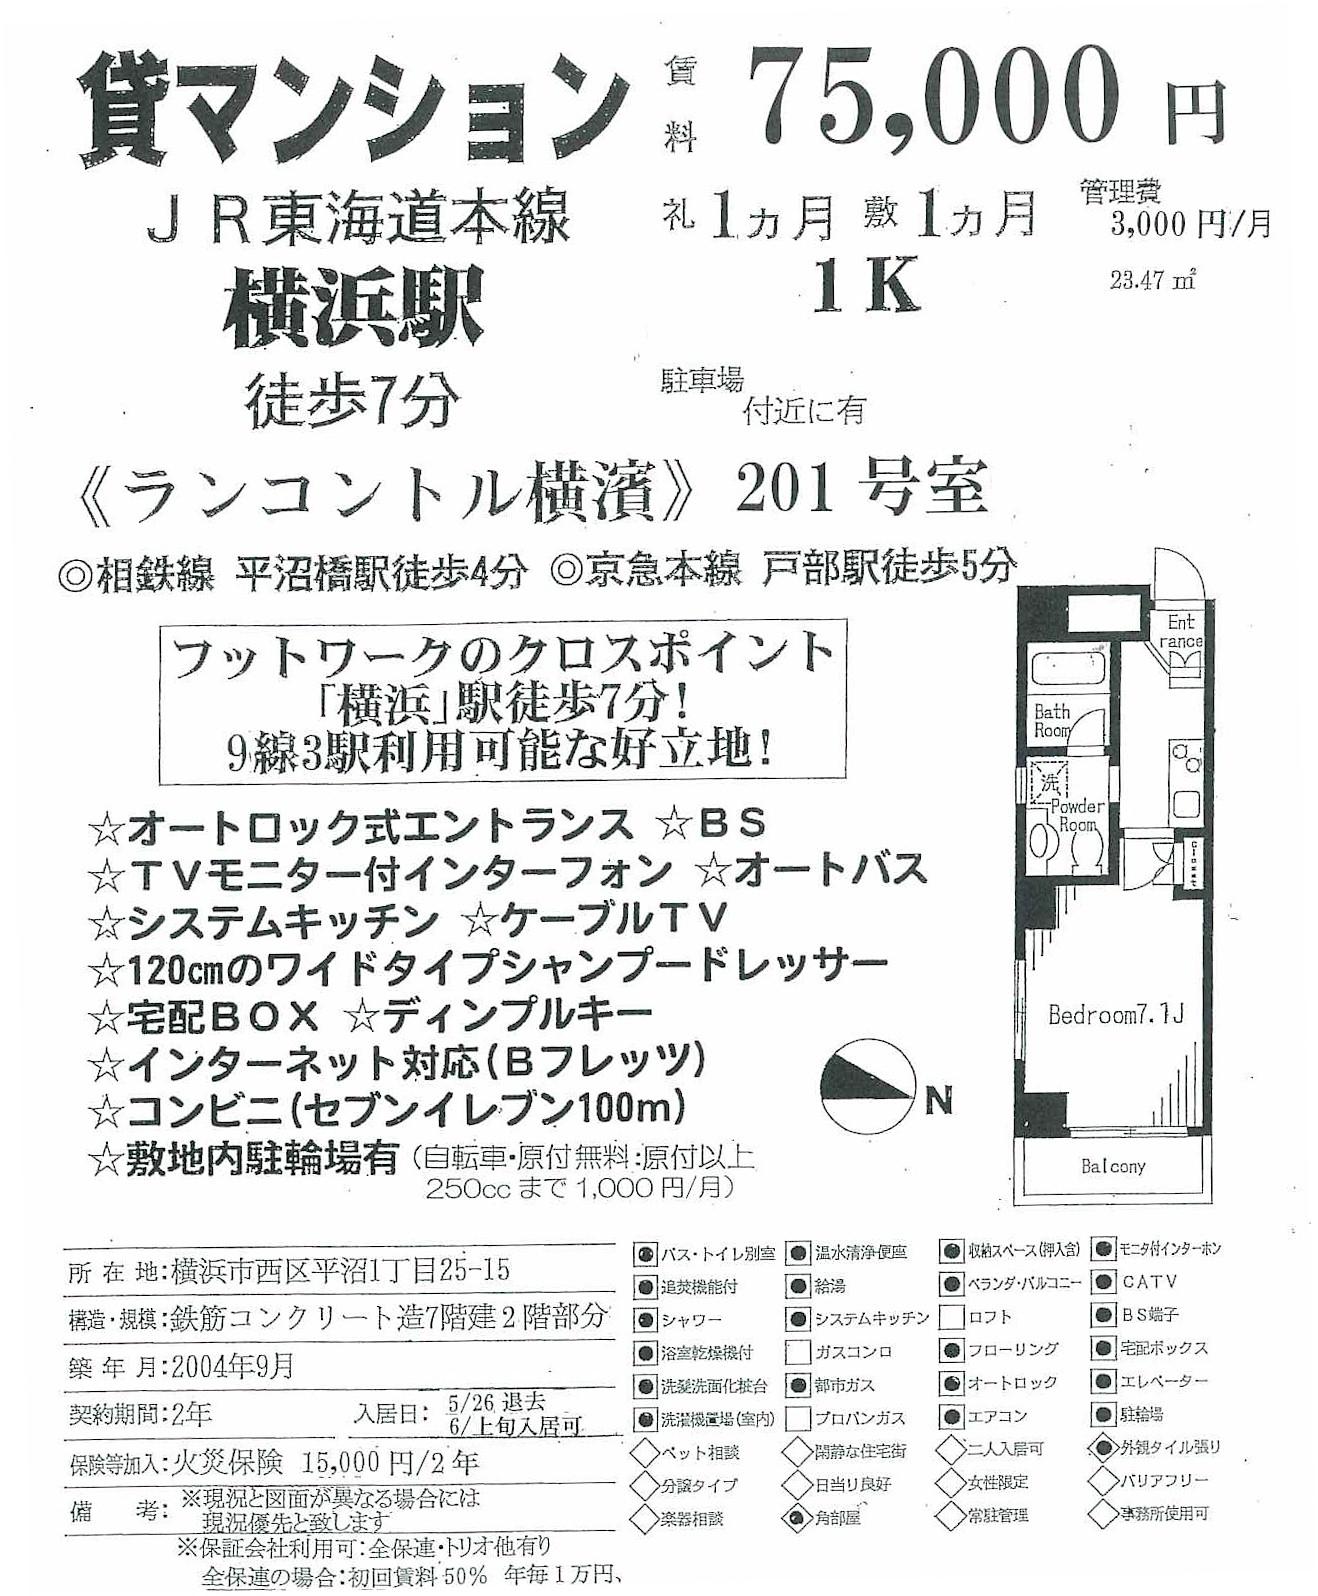 ランコントル横濱201